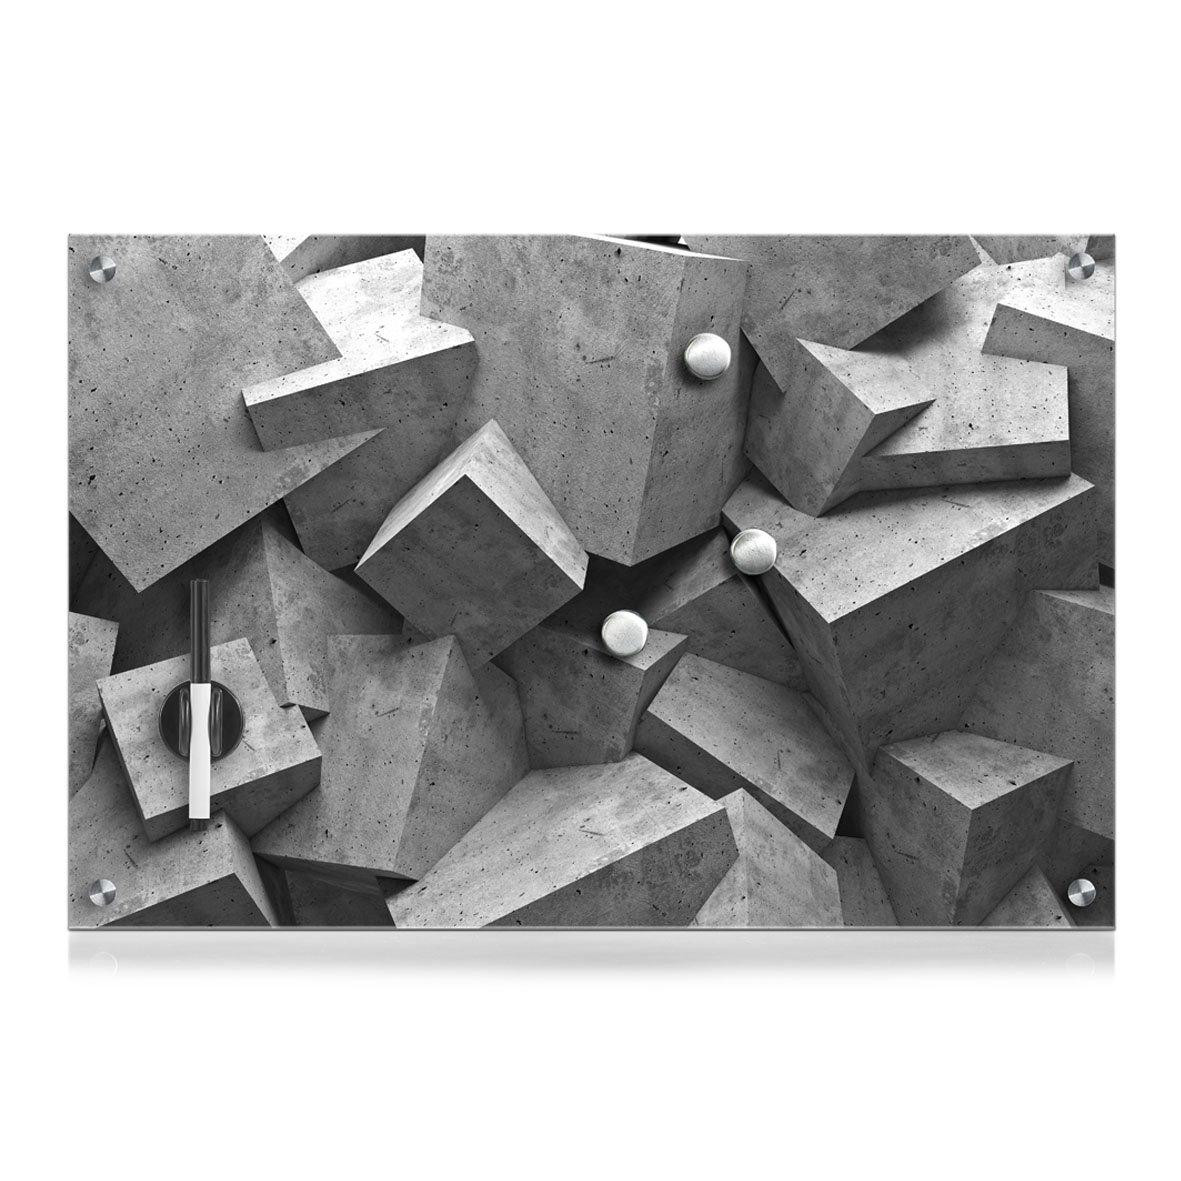 Zeller 11651 - Lavagnetta memo in vetro effetto legno, Metallo, Rose, 40 x 40 cm ZELNG 11674